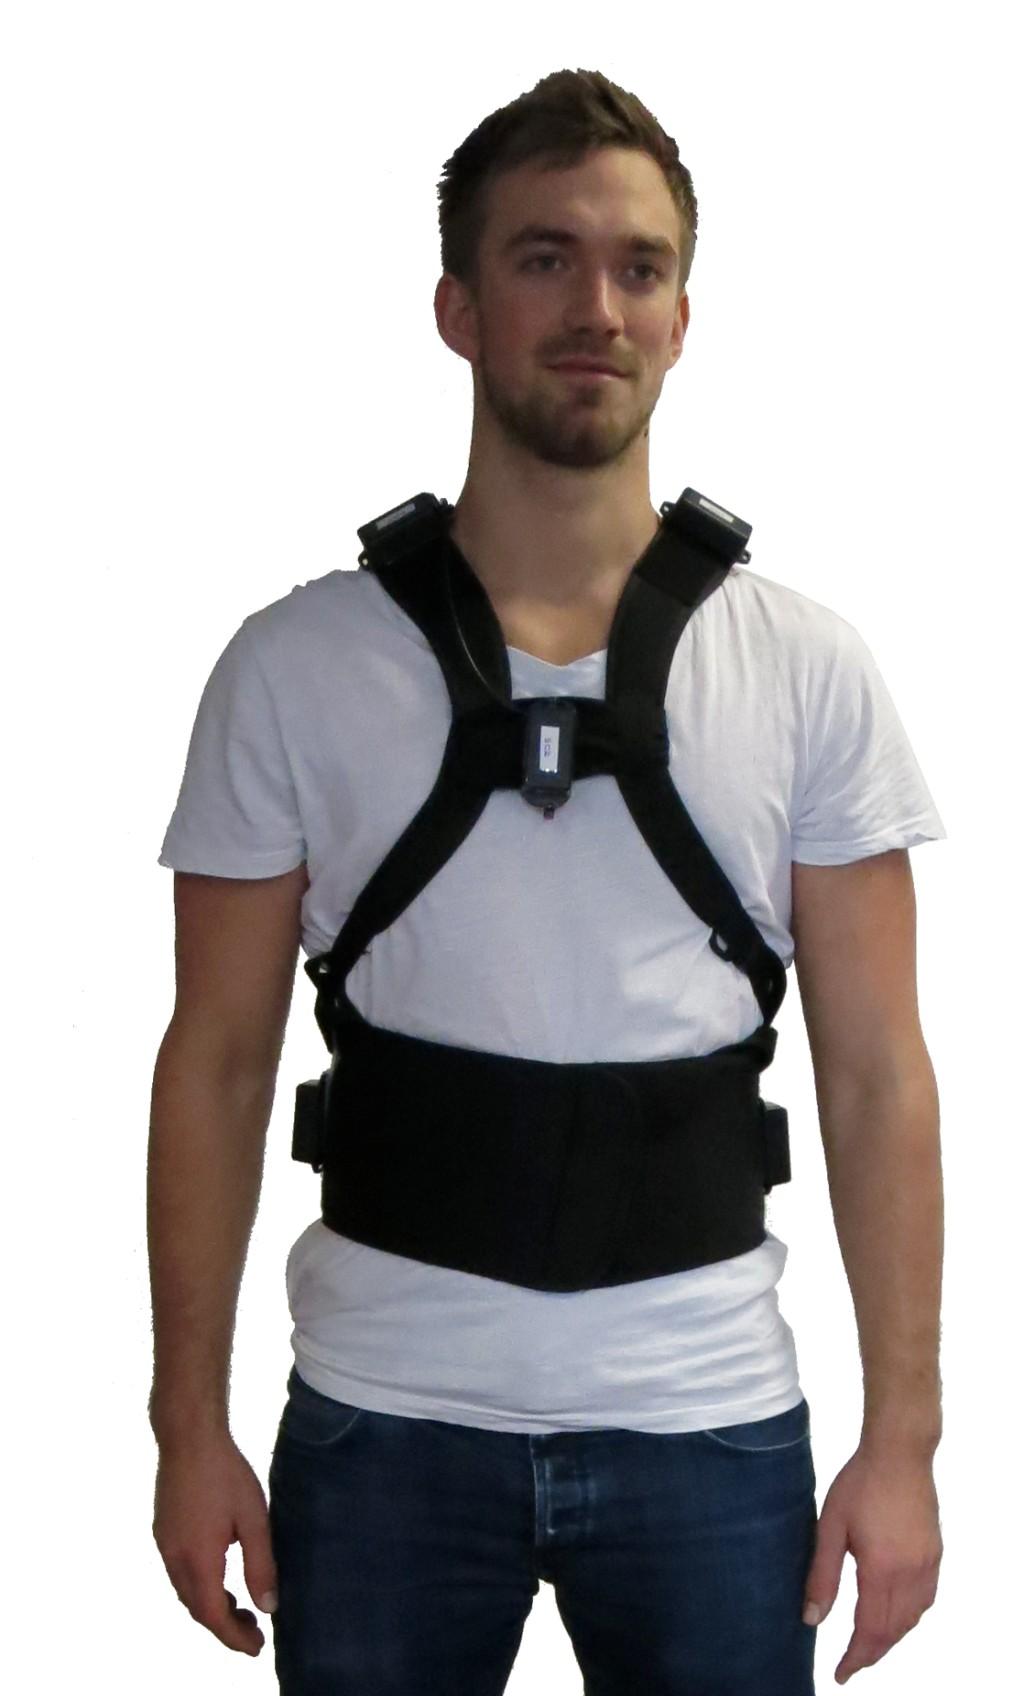 """""""CareJack Soft"""" mit fünf Inertialsensoren (zwei auf der Schulter, zwei über der Hüfte und einer am Brustbein), Feedback-Vibrationsmodul über der rechten Hüfte, Akku sowie embedded Controllermodul am unteren Rücken Bild: Fraunhofer IPK"""